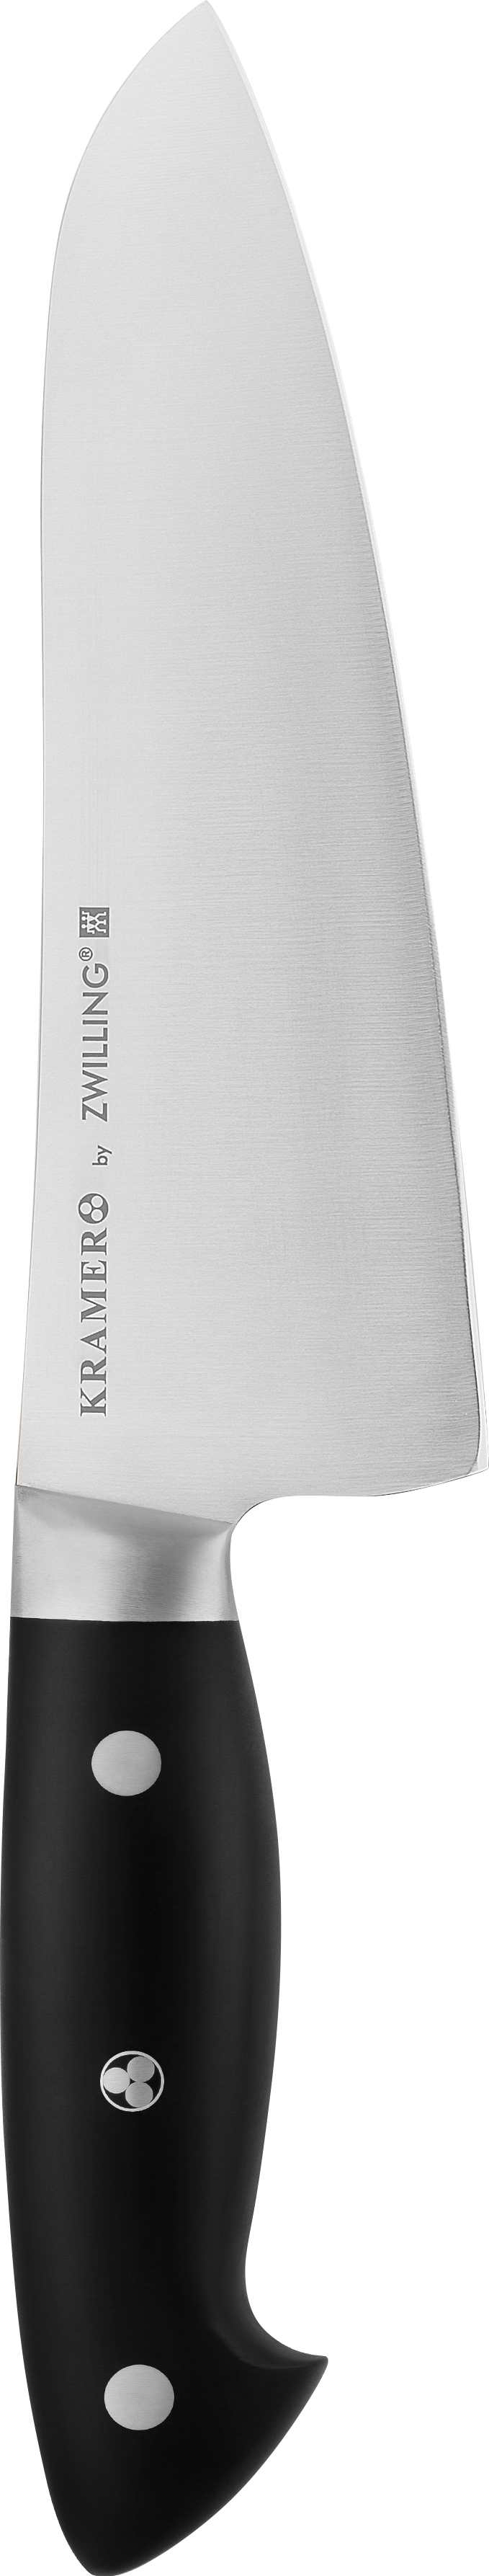 Zwilling Bob Kramer Euro Essential Skal/grönsakskniv 13 cm